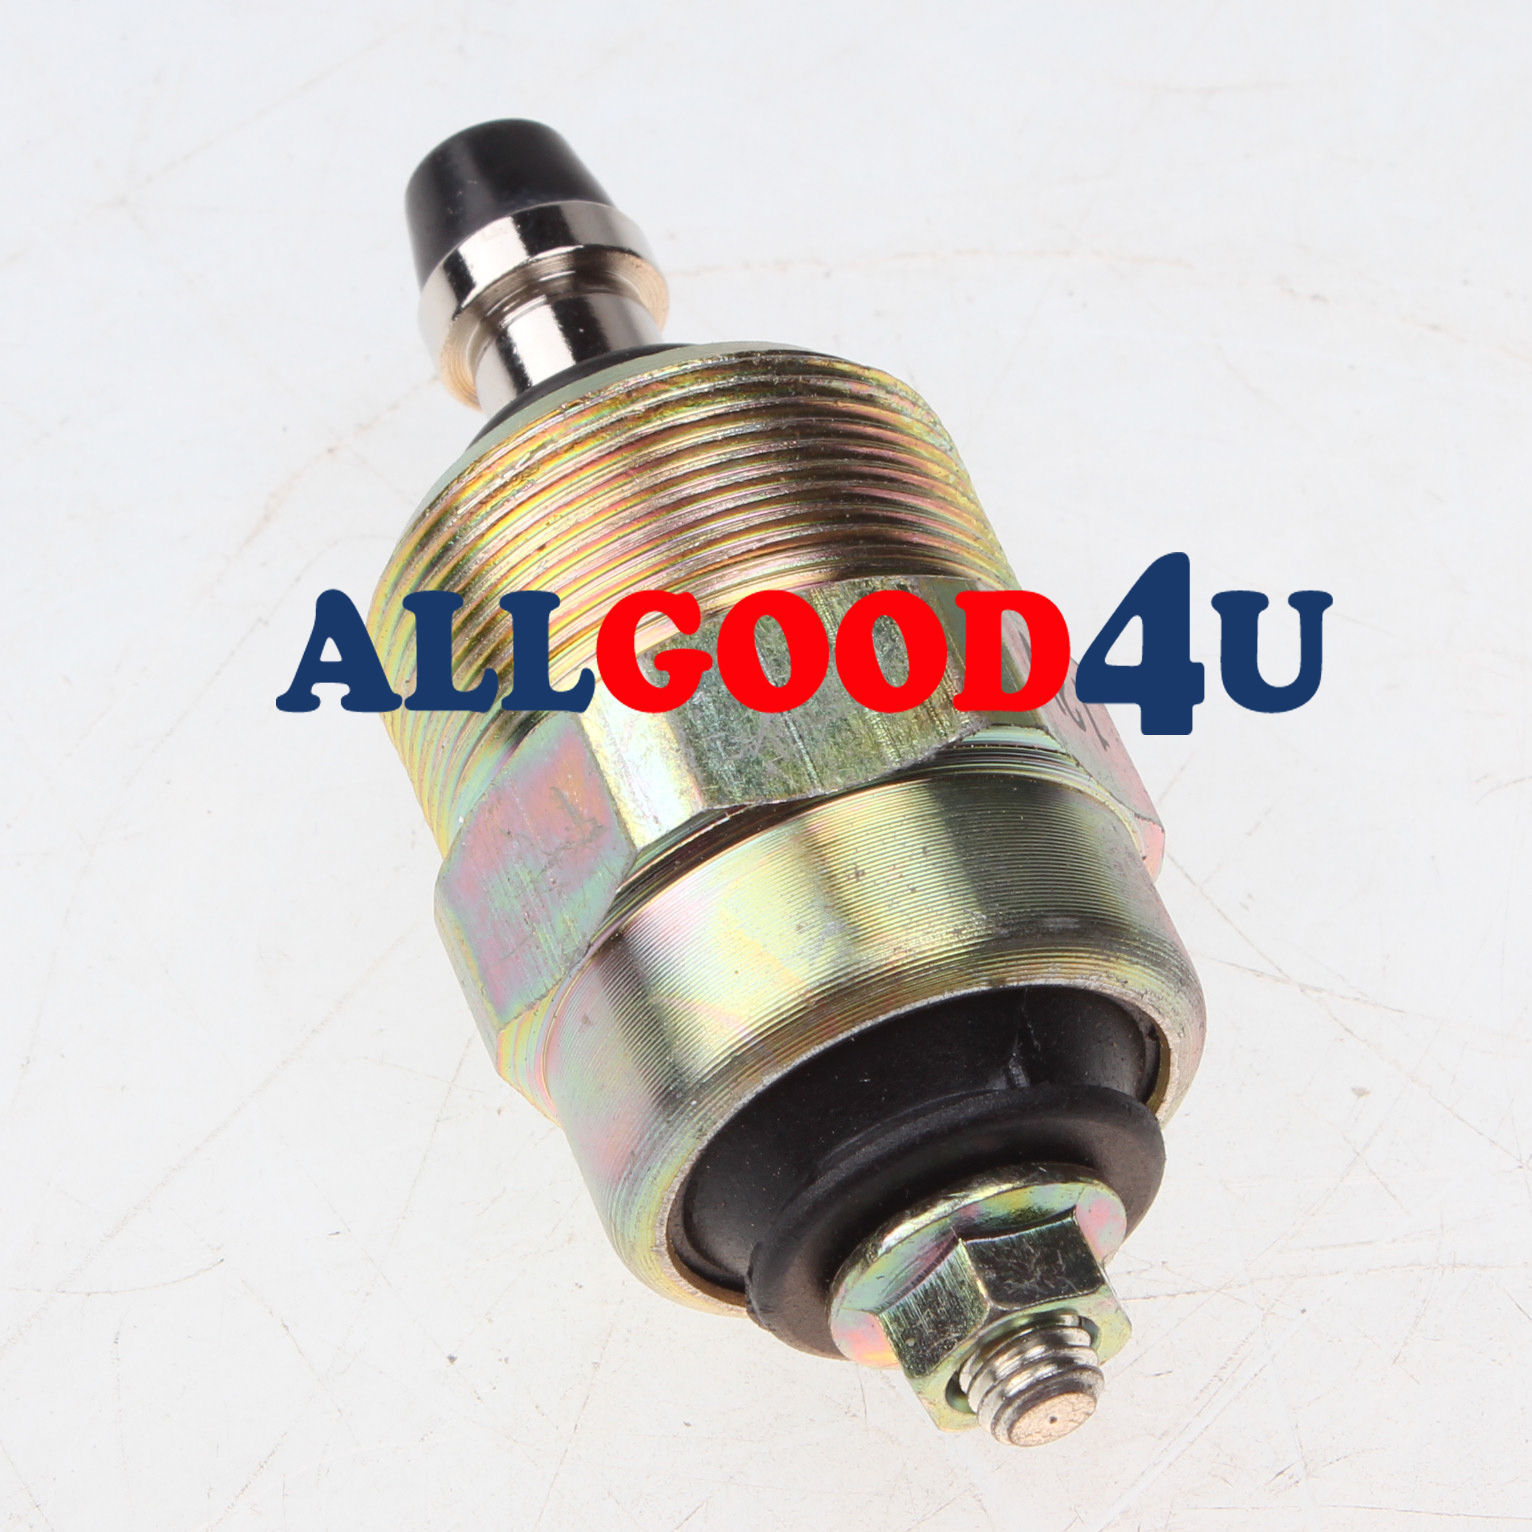 Fuel Shut Off Solenoid On International Dt466 Fuel System Diagram For